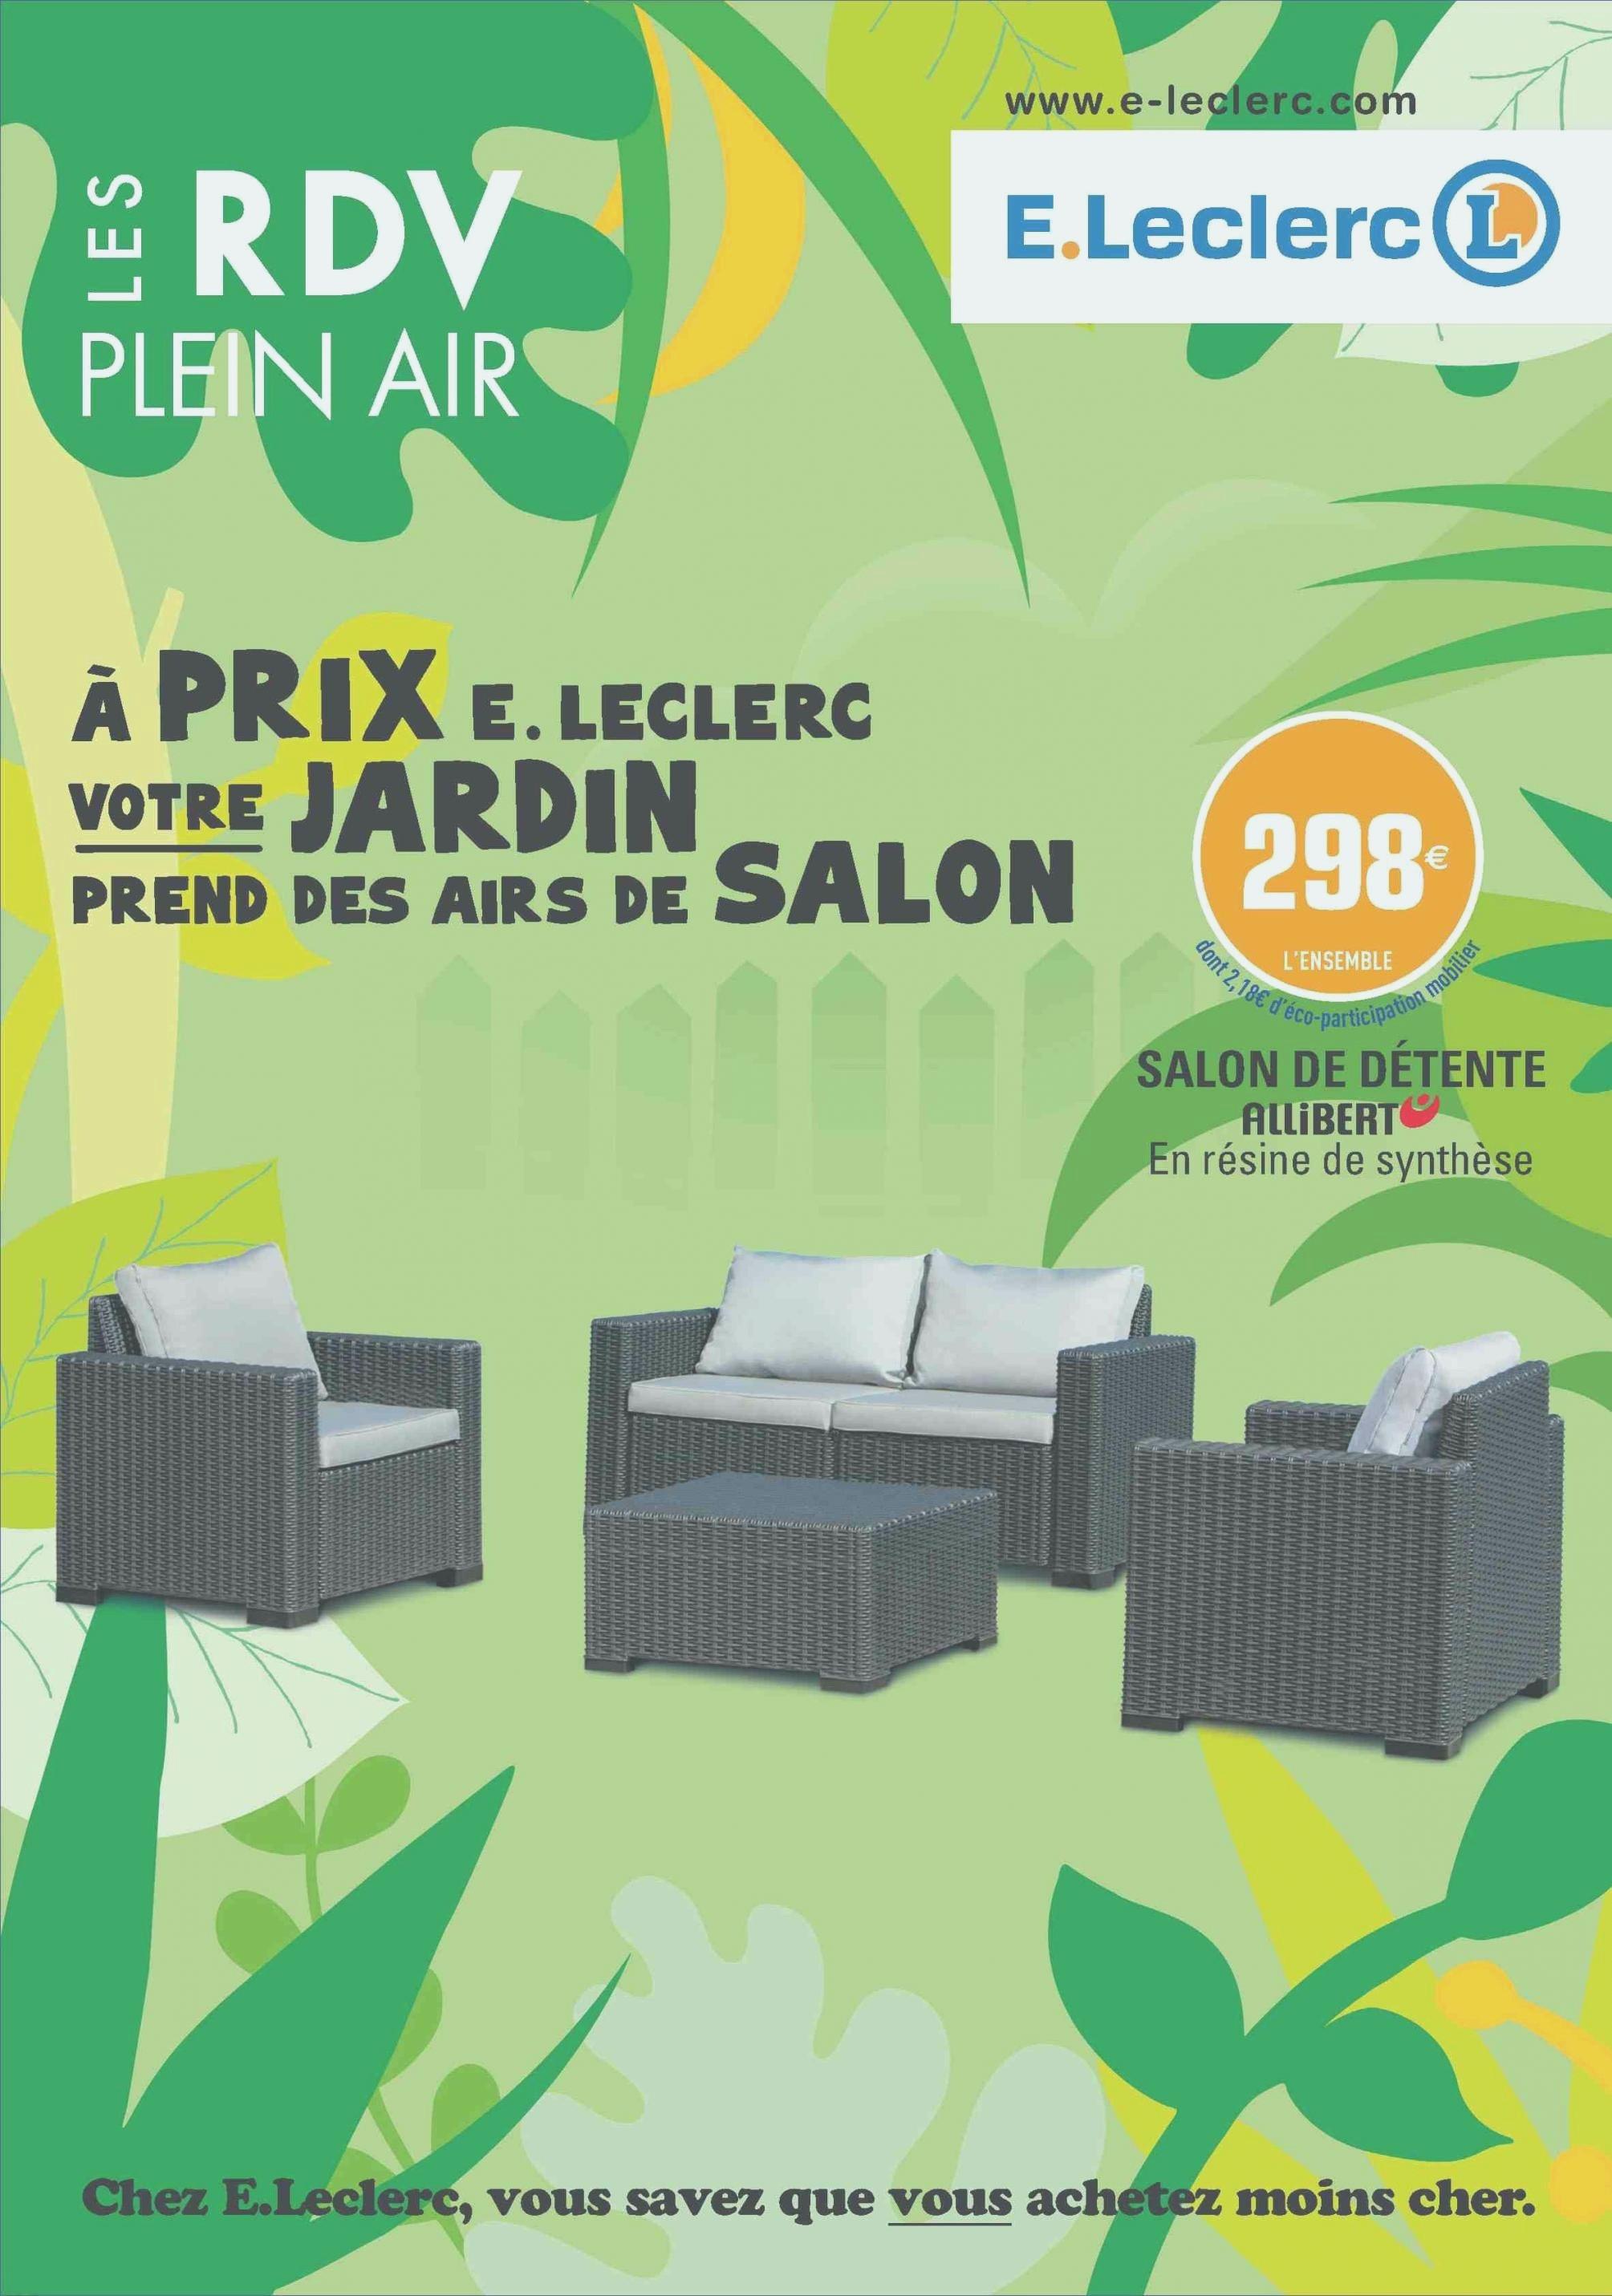 Brico leclerc gueret salon de jardin - Mailleraye.fr jardin